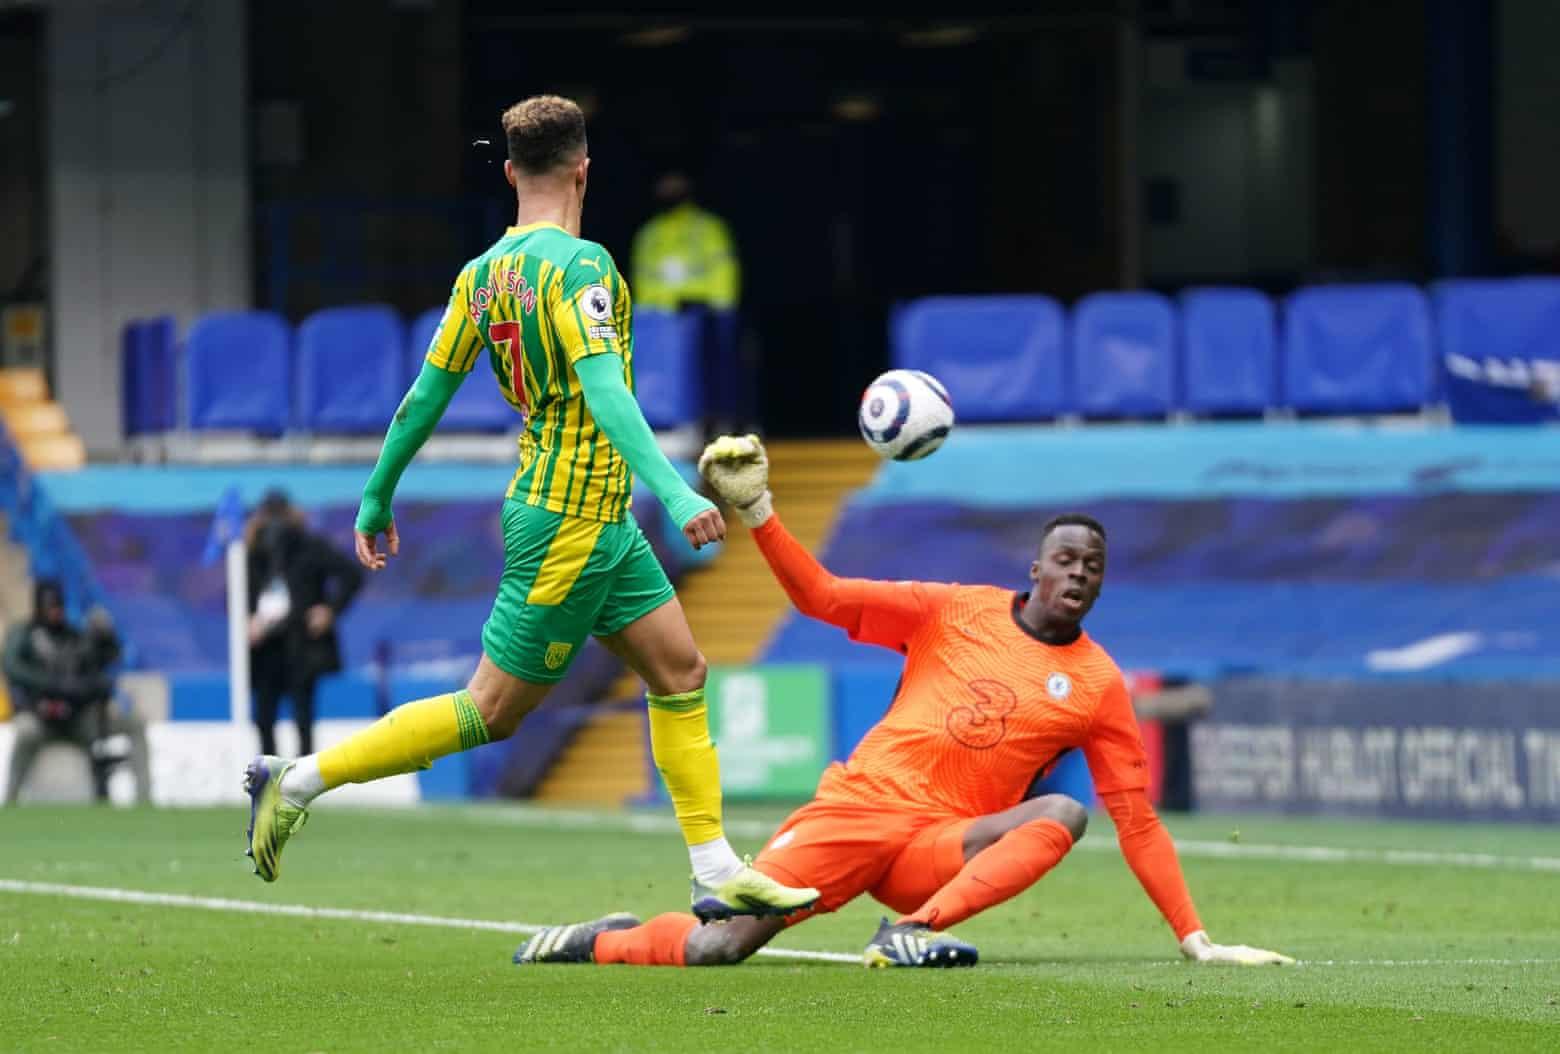 Thủ môn Edouard Mendy năm lần bị đánh bại bởi các chân sút West Brom hôm 3/4.